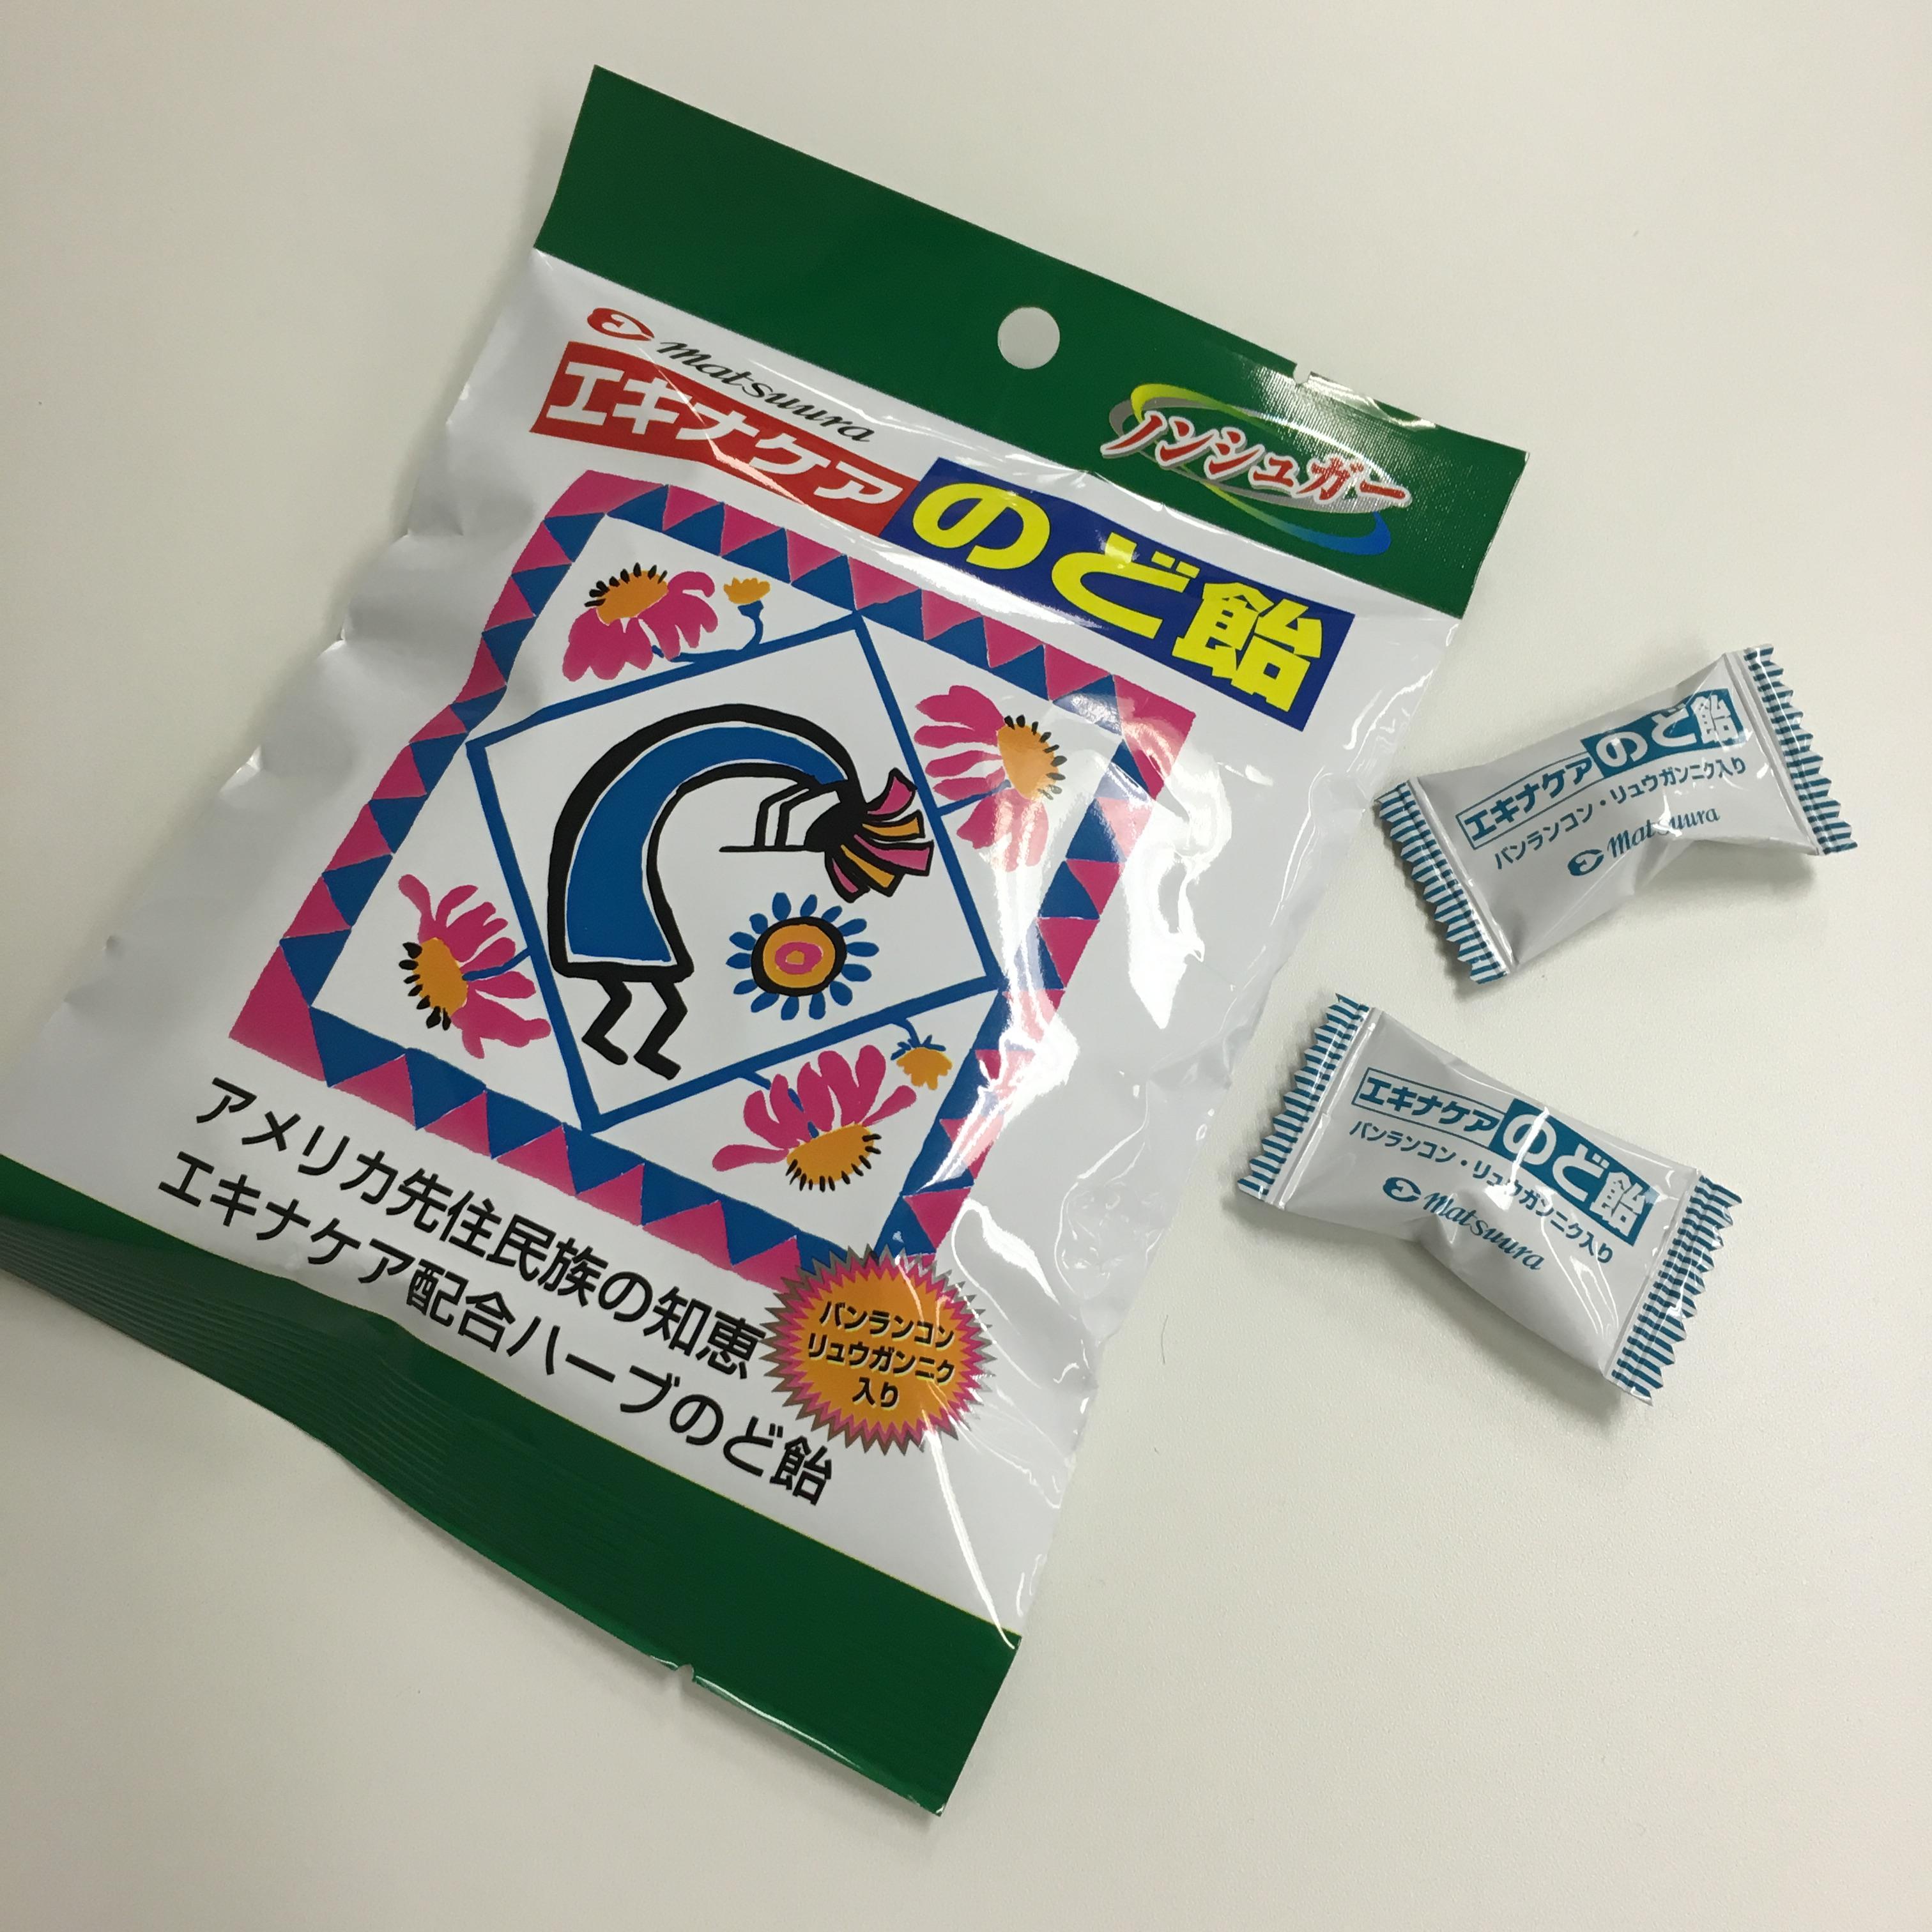 安藤裕子 愛用の品